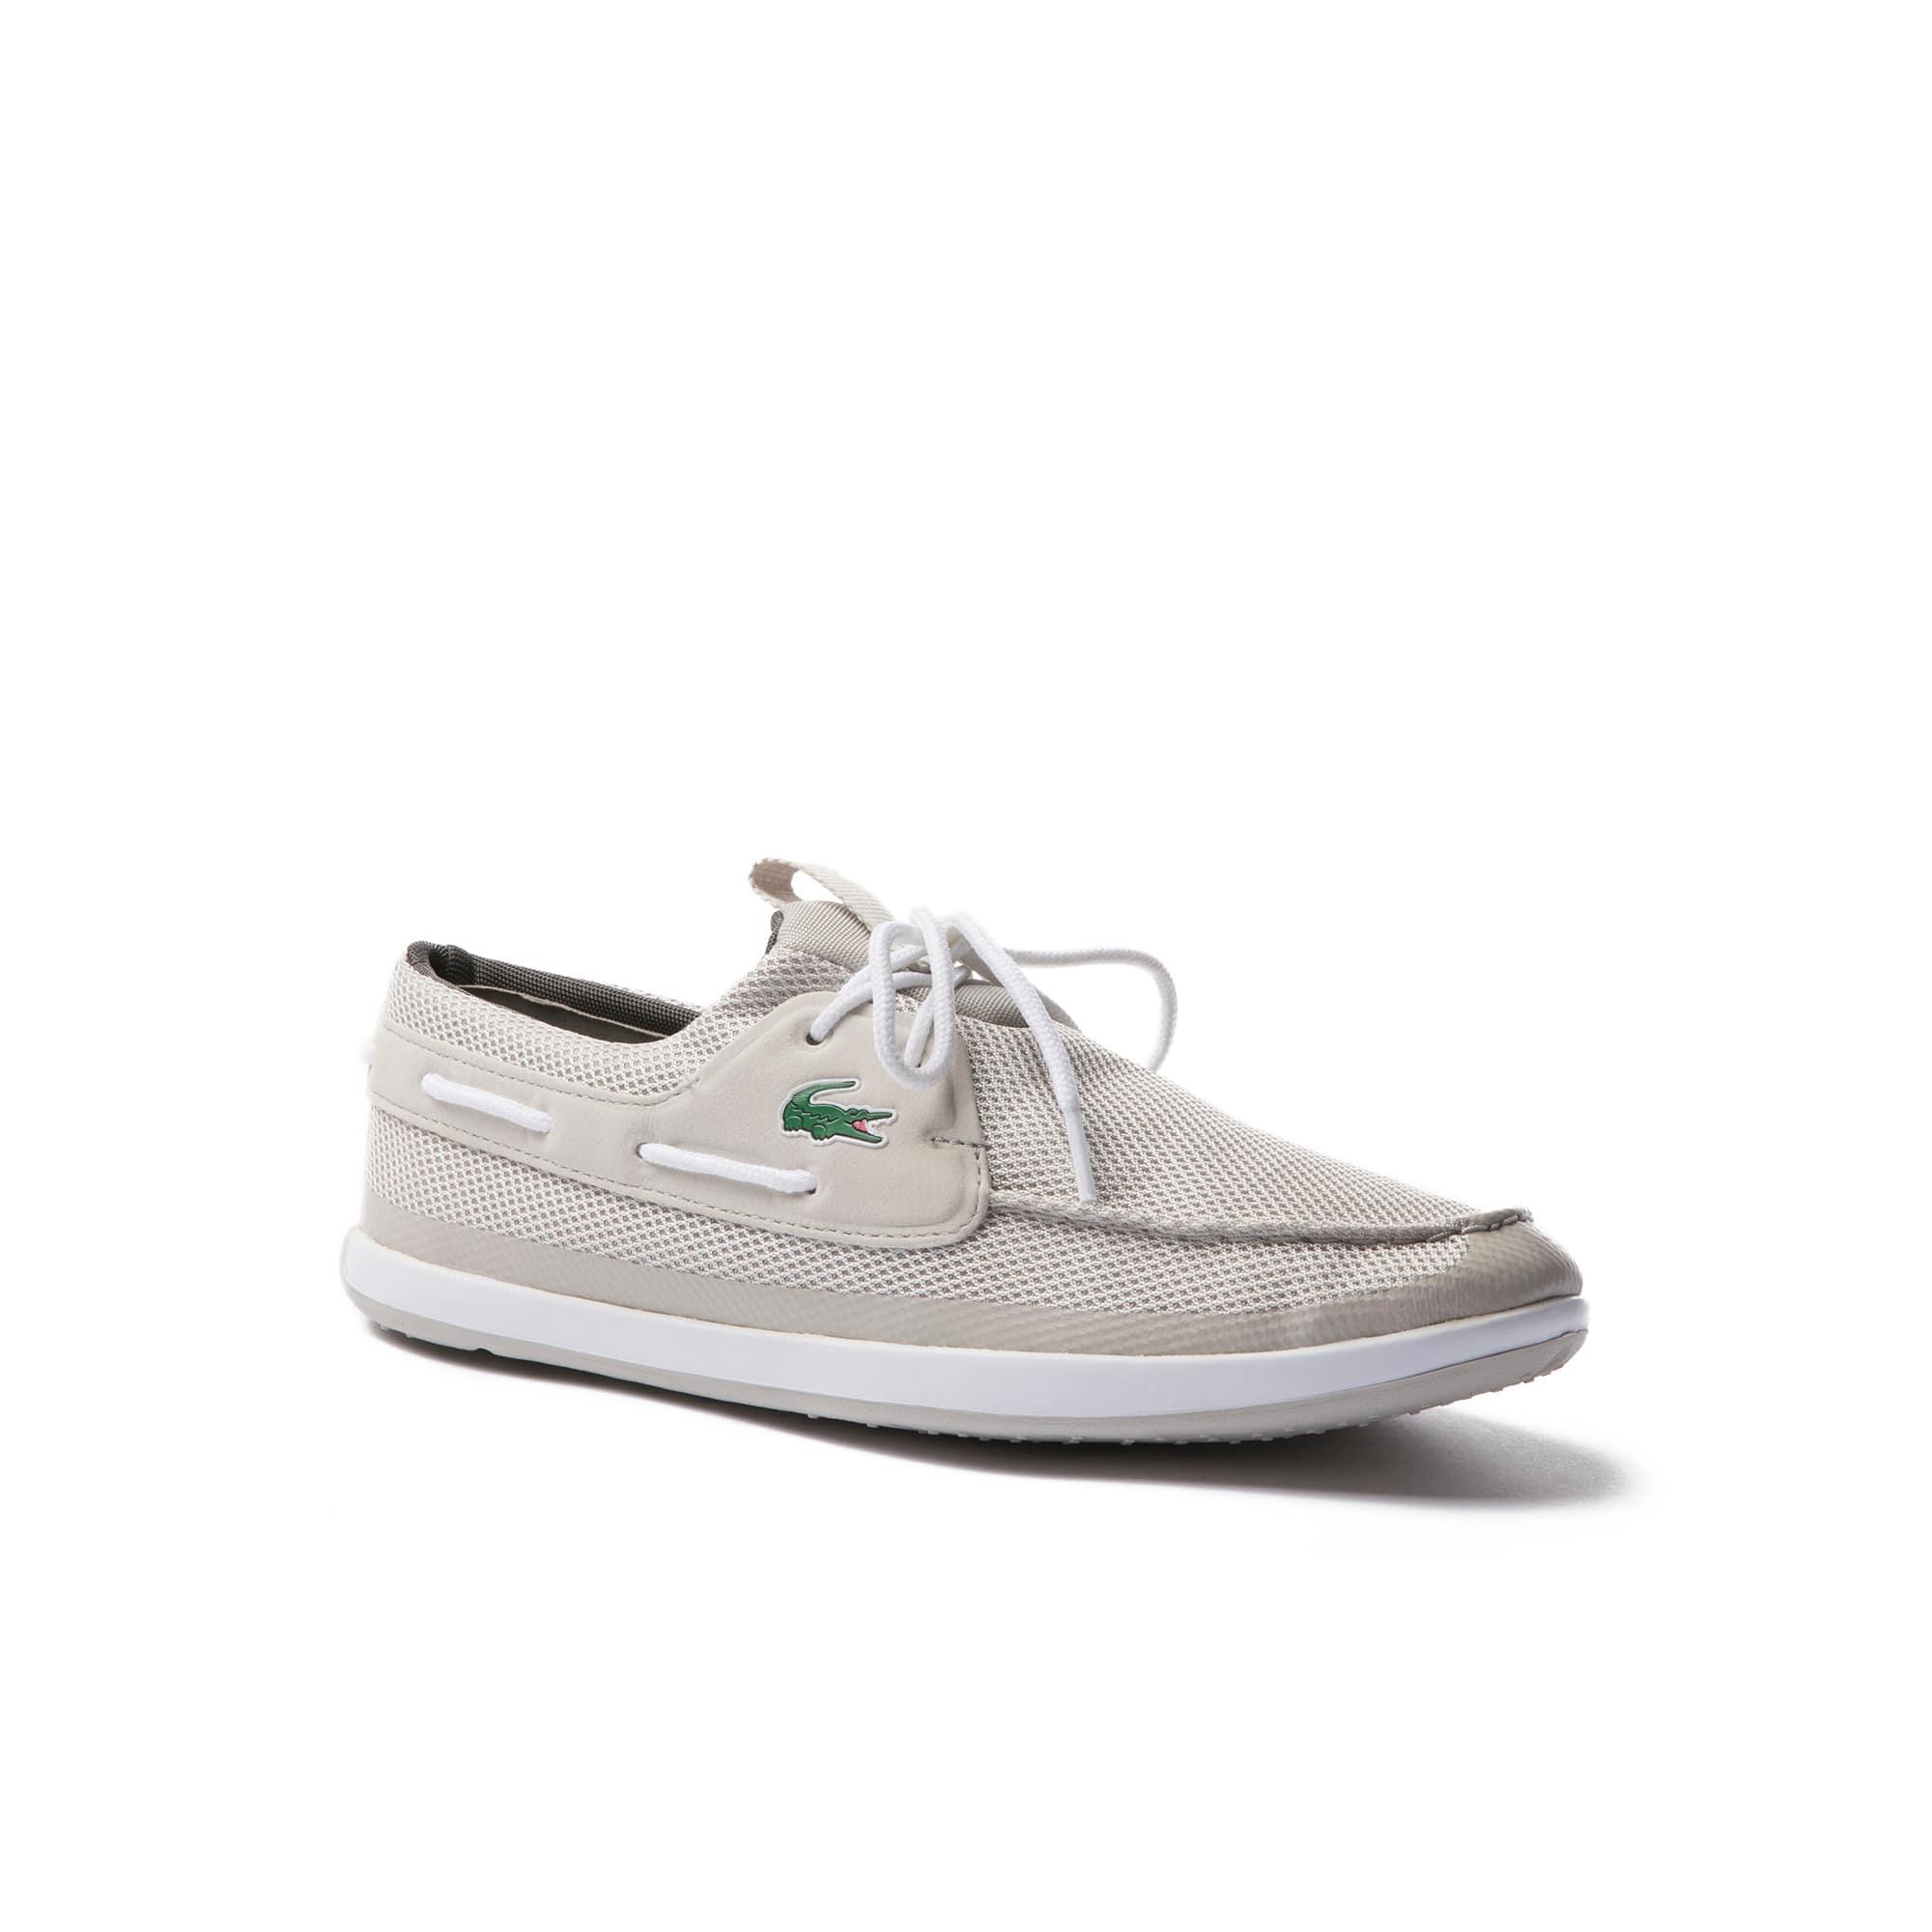 Men's Landsailing Textile Boat Shoes